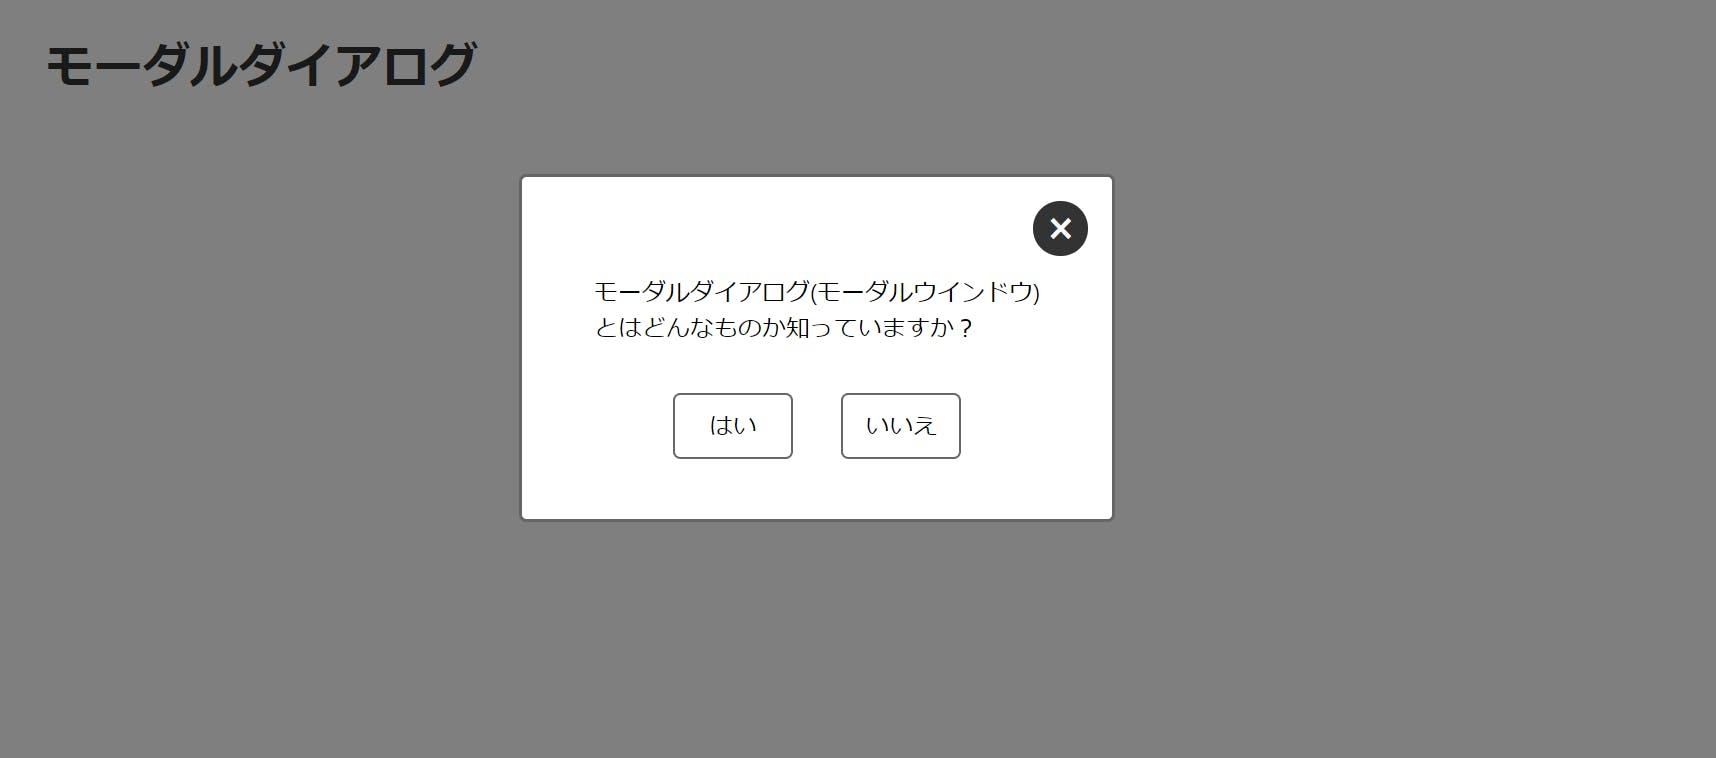 モーダルダイアログUIのサンプル画面キャプチャ。ダイアログを開いたところ